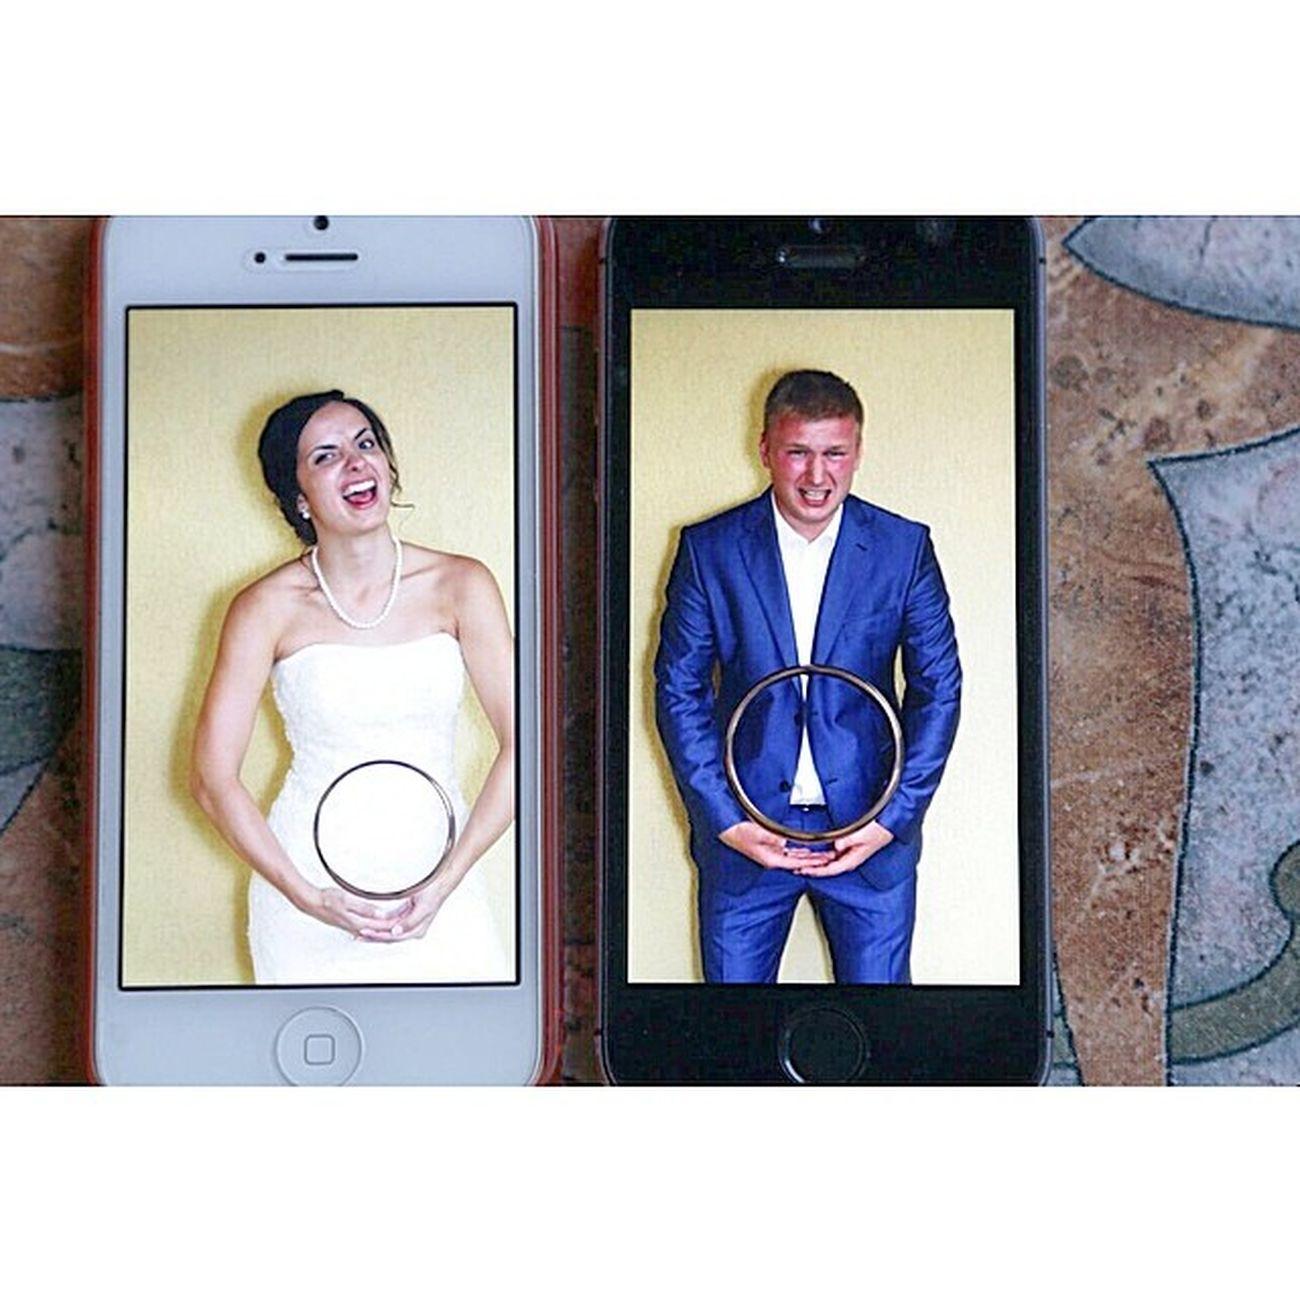 свадьба фотки невеста и жених iPhone5s кольца